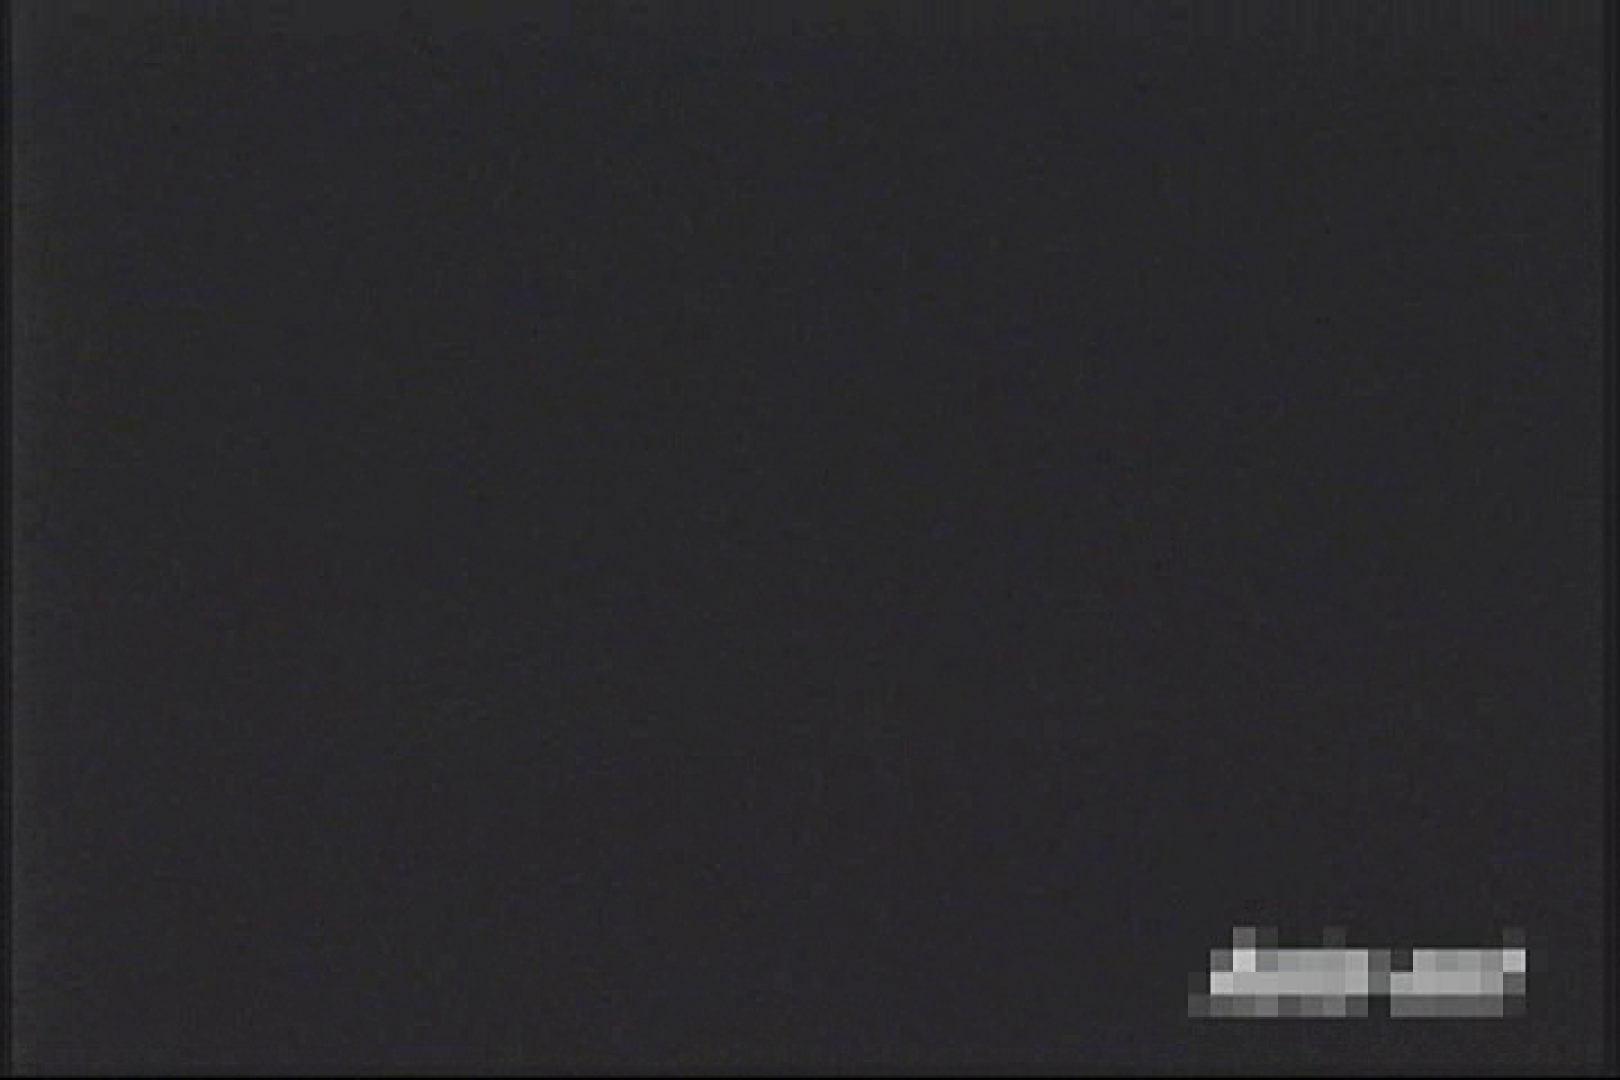 プライベートピーピング 欲求不満な女達Vol.6 女子寮覗き AV動画キャプチャ 48連発 9